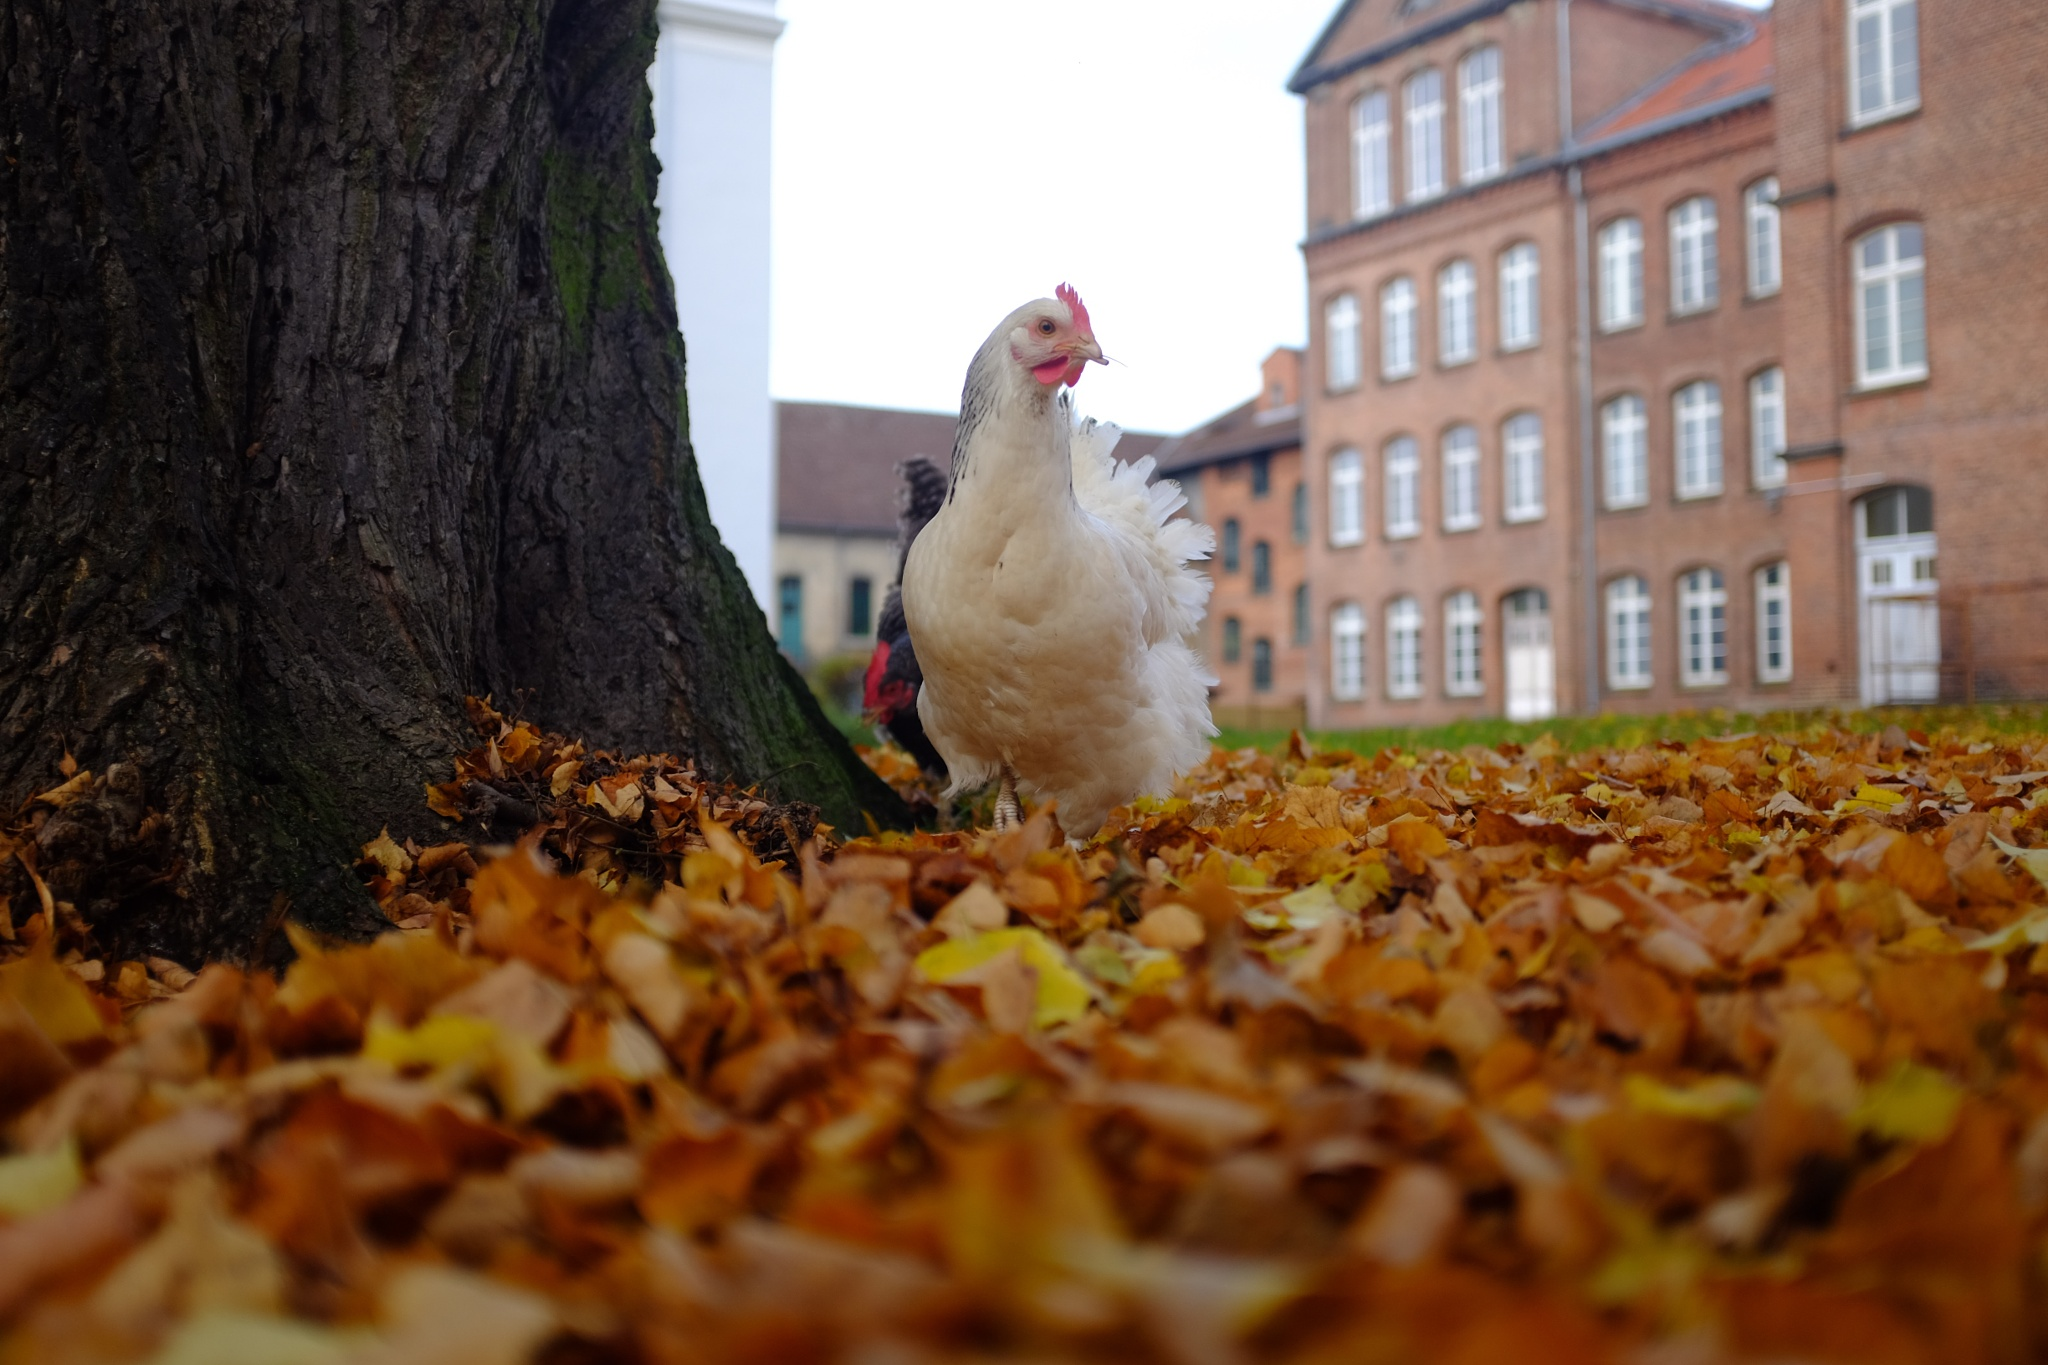 Das Huhn vor der Schule by peterkryzun